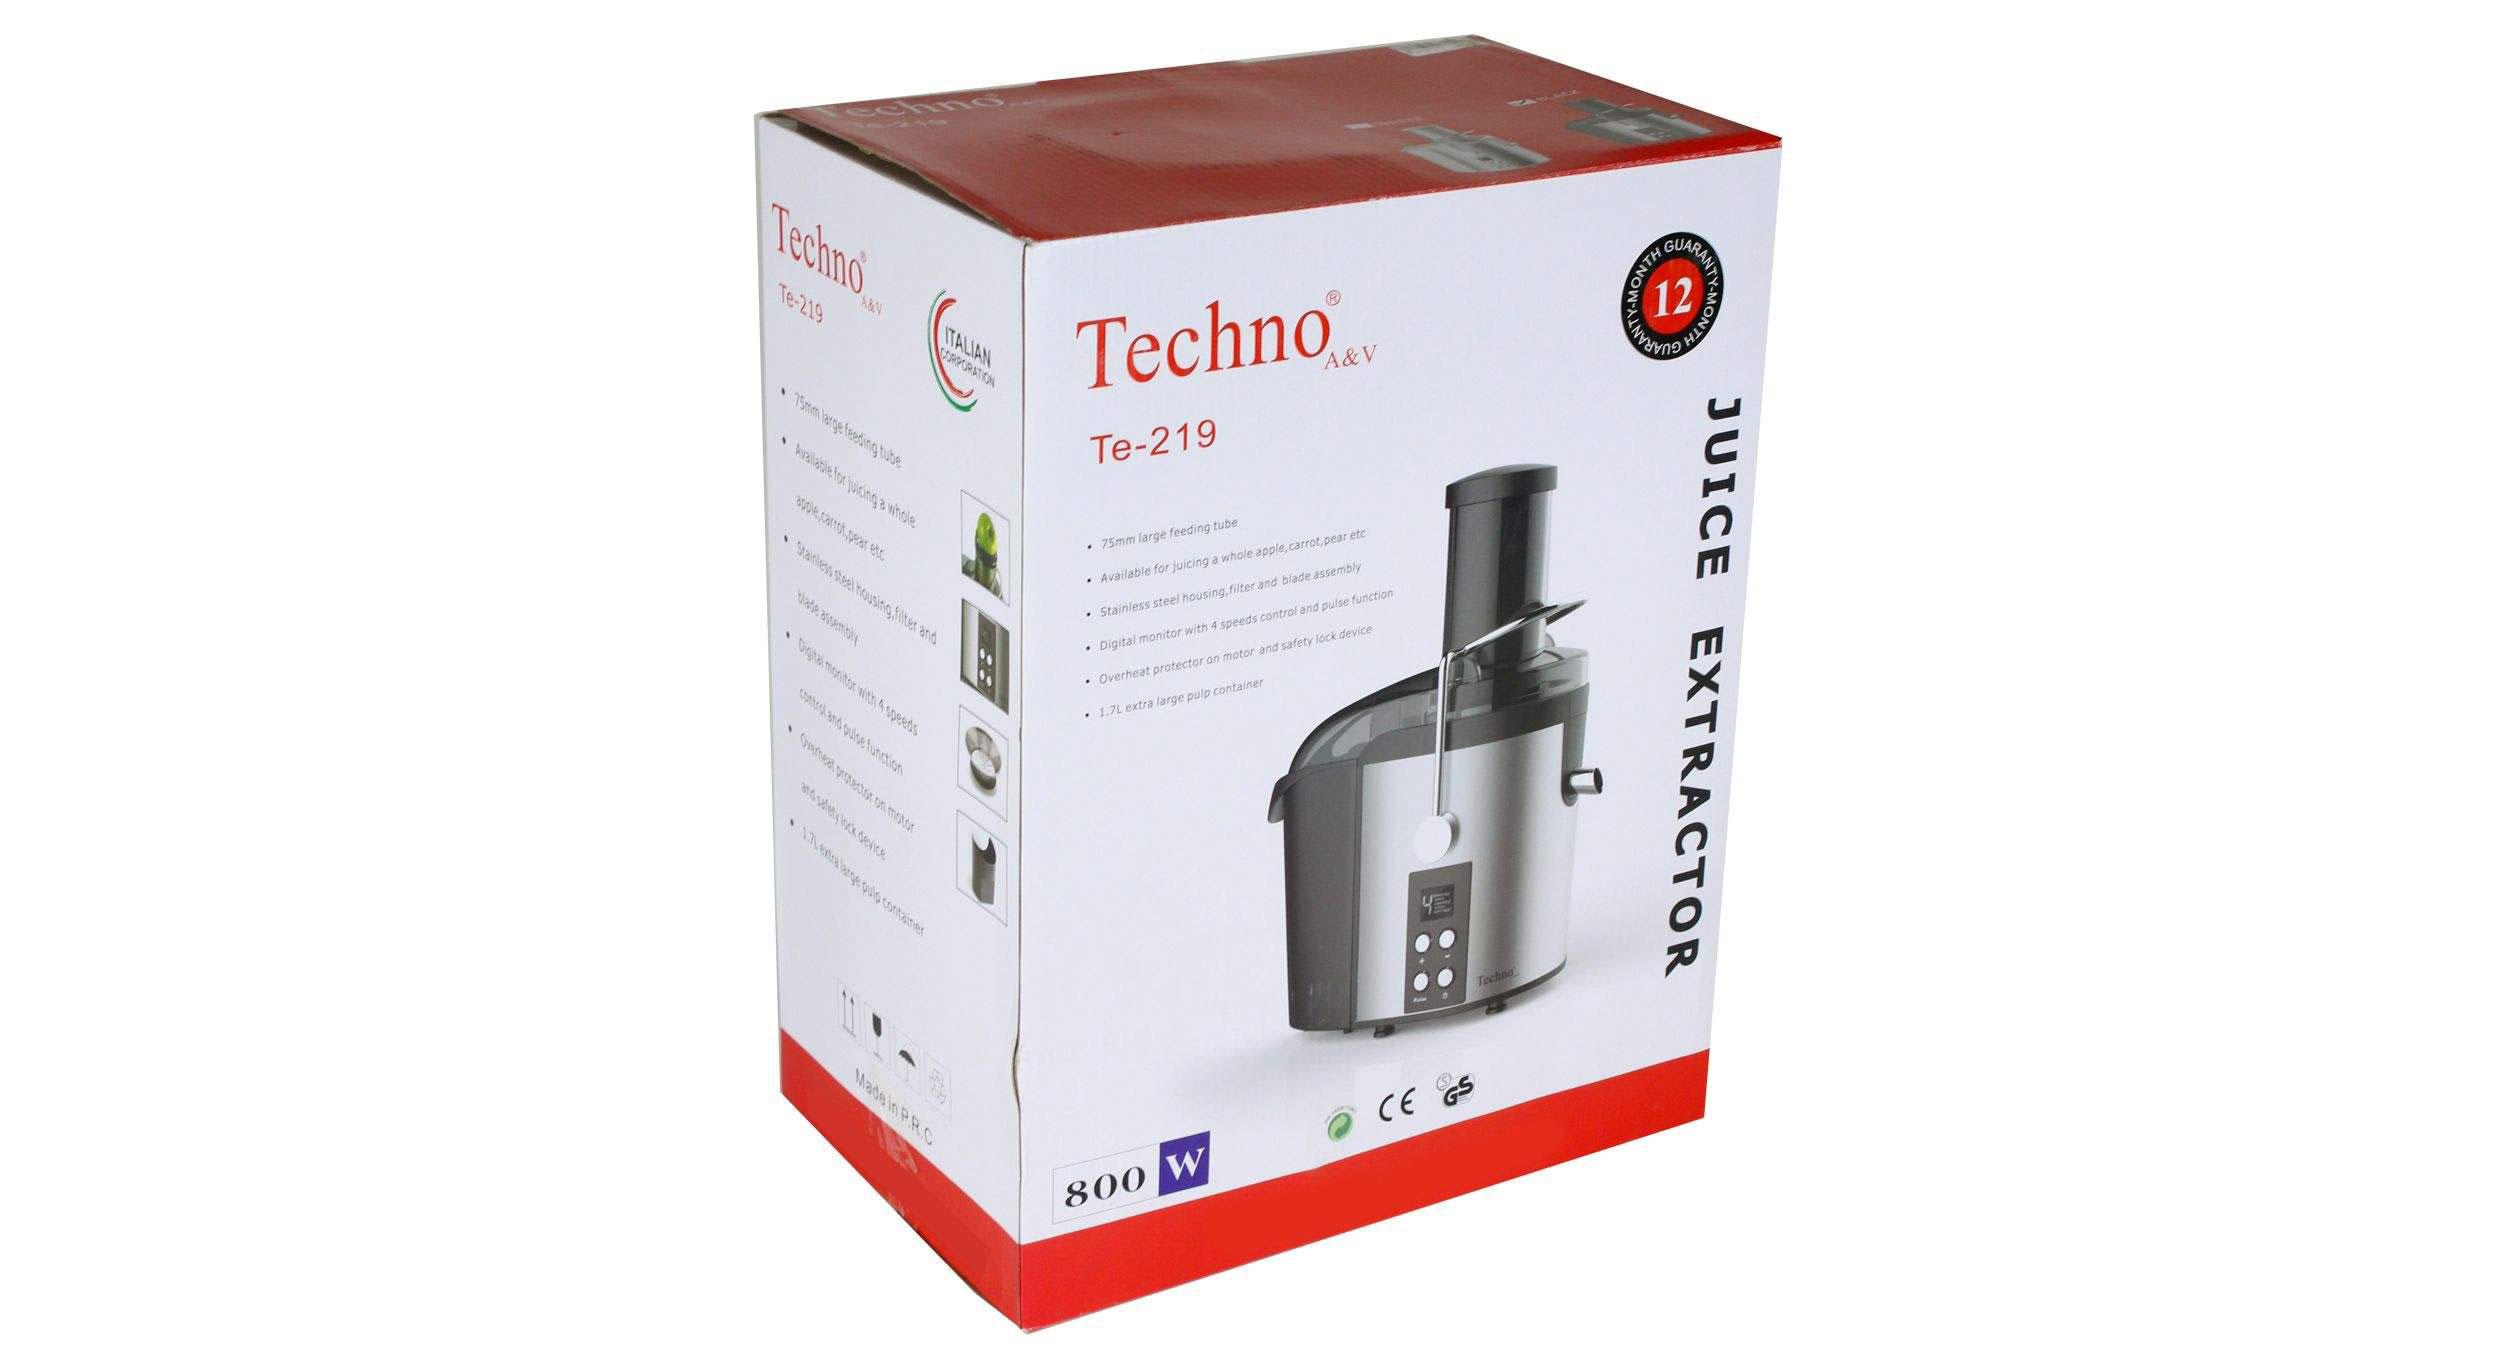 Techno Te 219 Juicer dominokala 4 - آبمیوه گیری تکنو TE-219